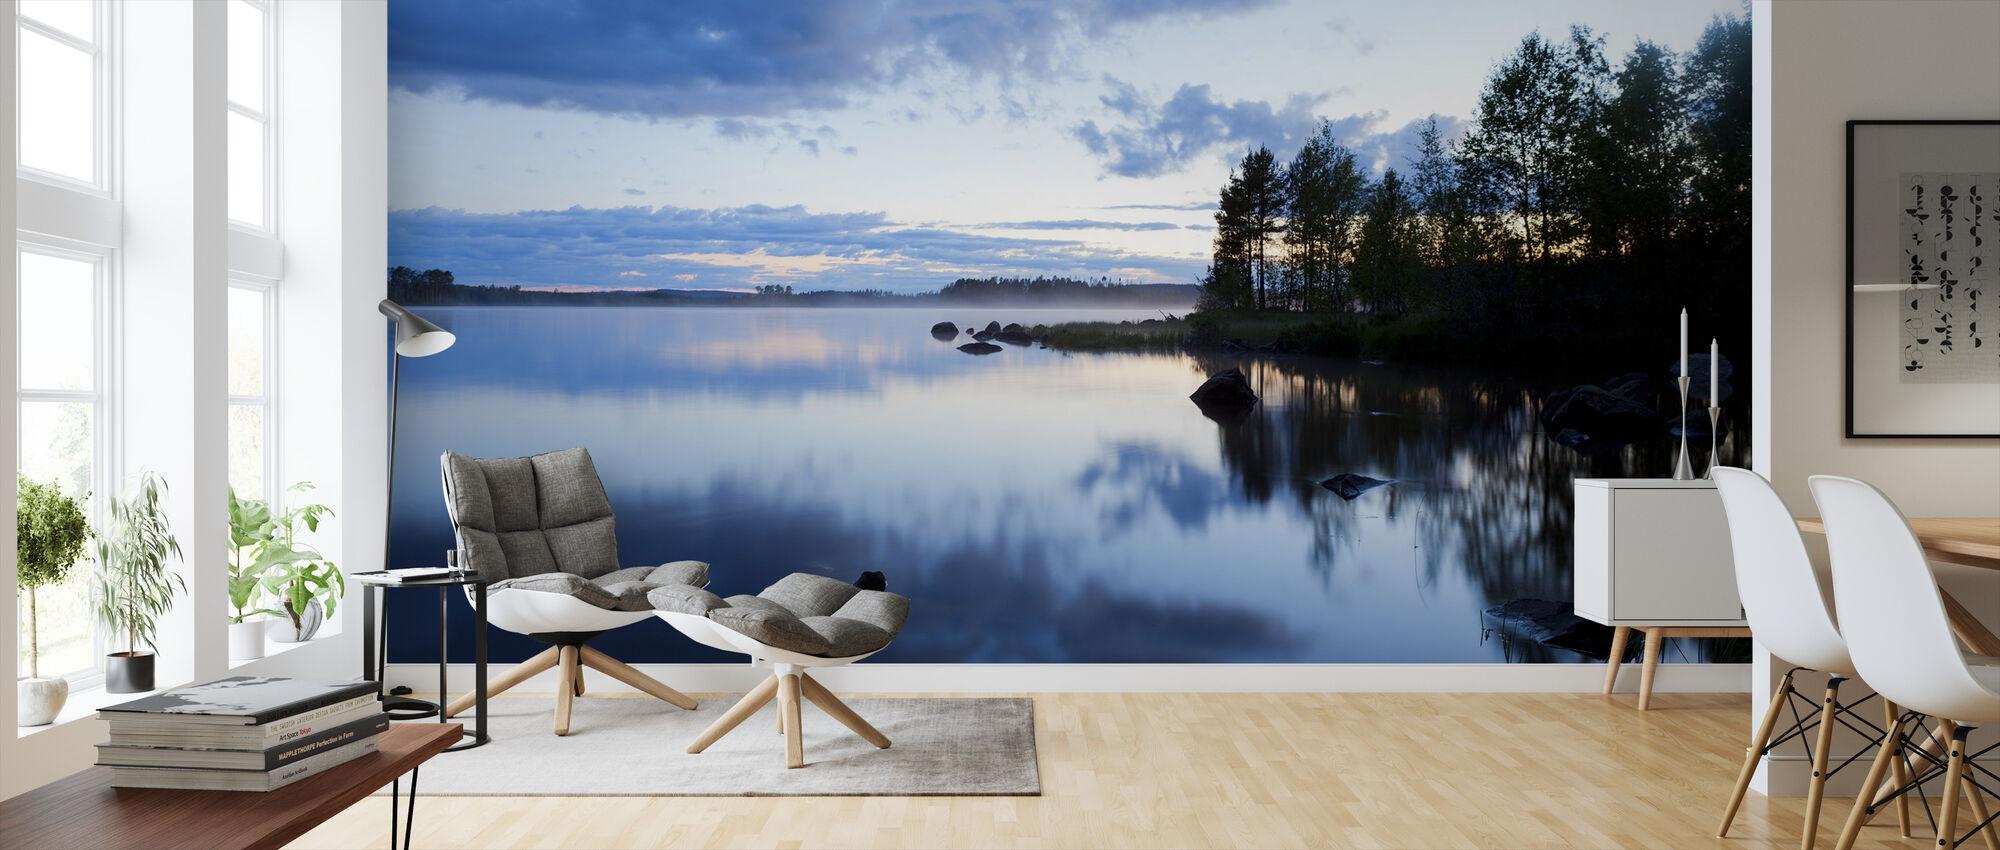 Venjan i Dalarna, Sverige, Europa - Tapet - Vardagsrum